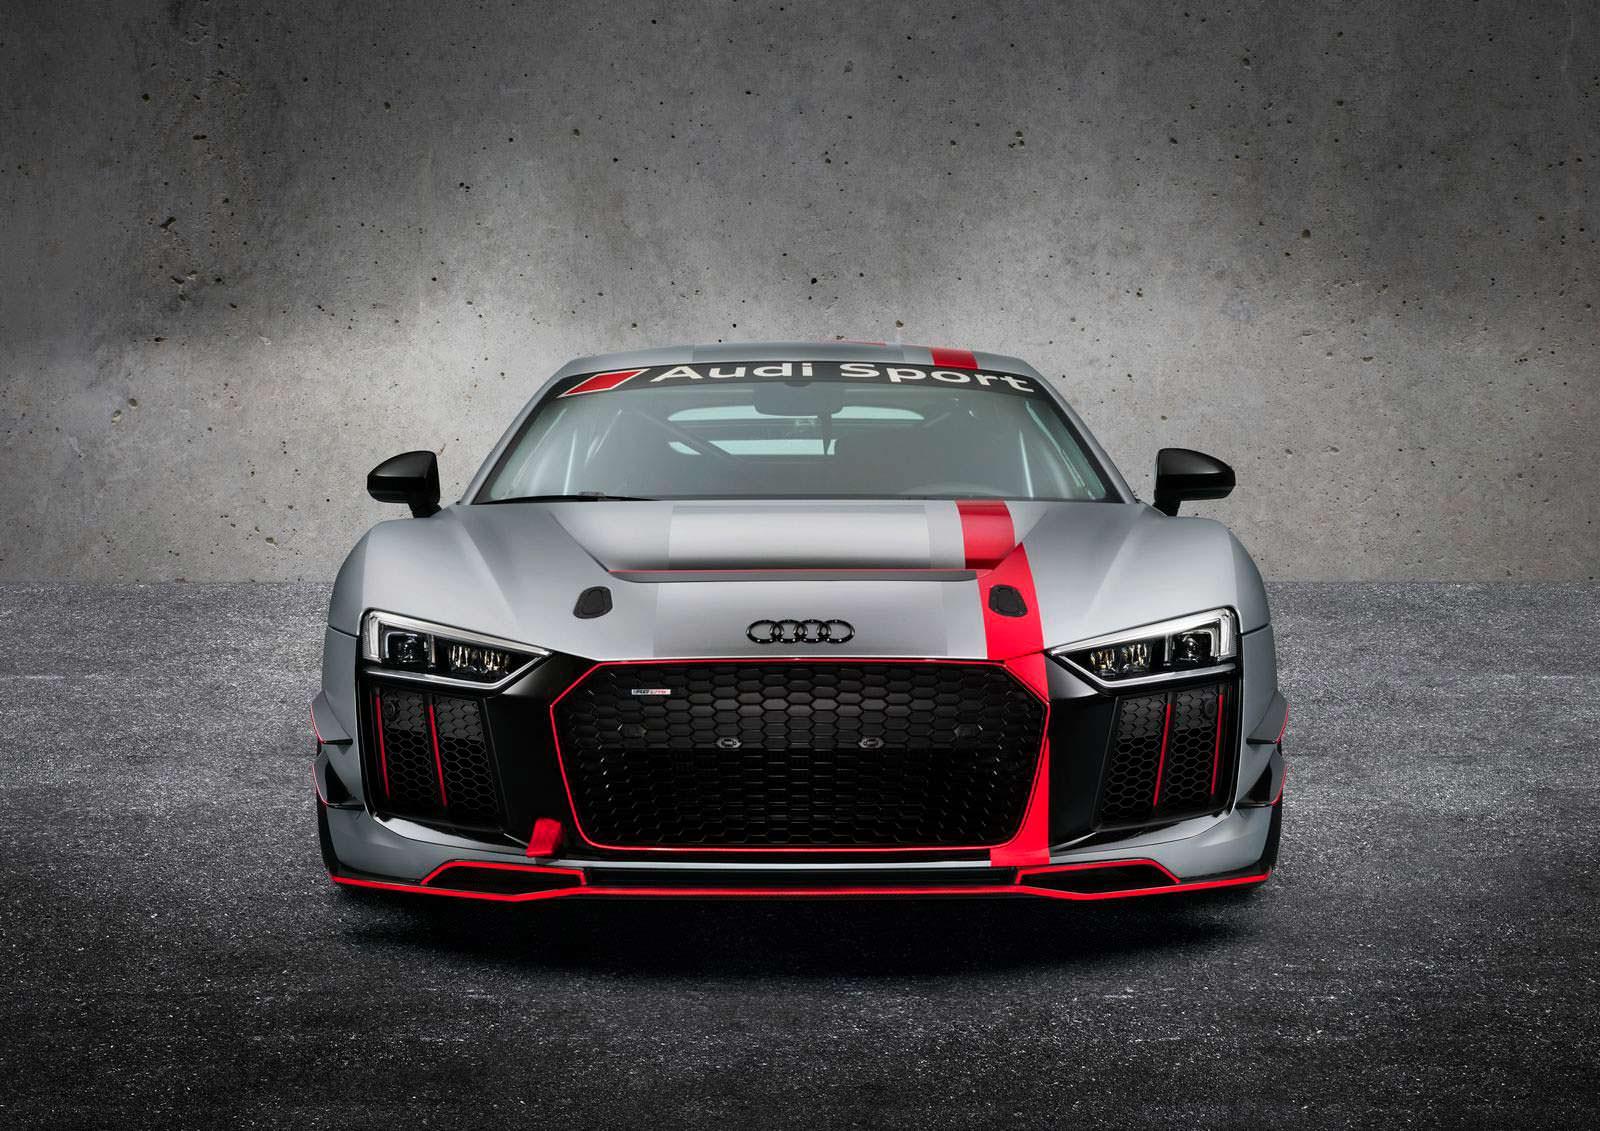 Фото   Новый гоночный суперкар Audi R8 LMS GT4